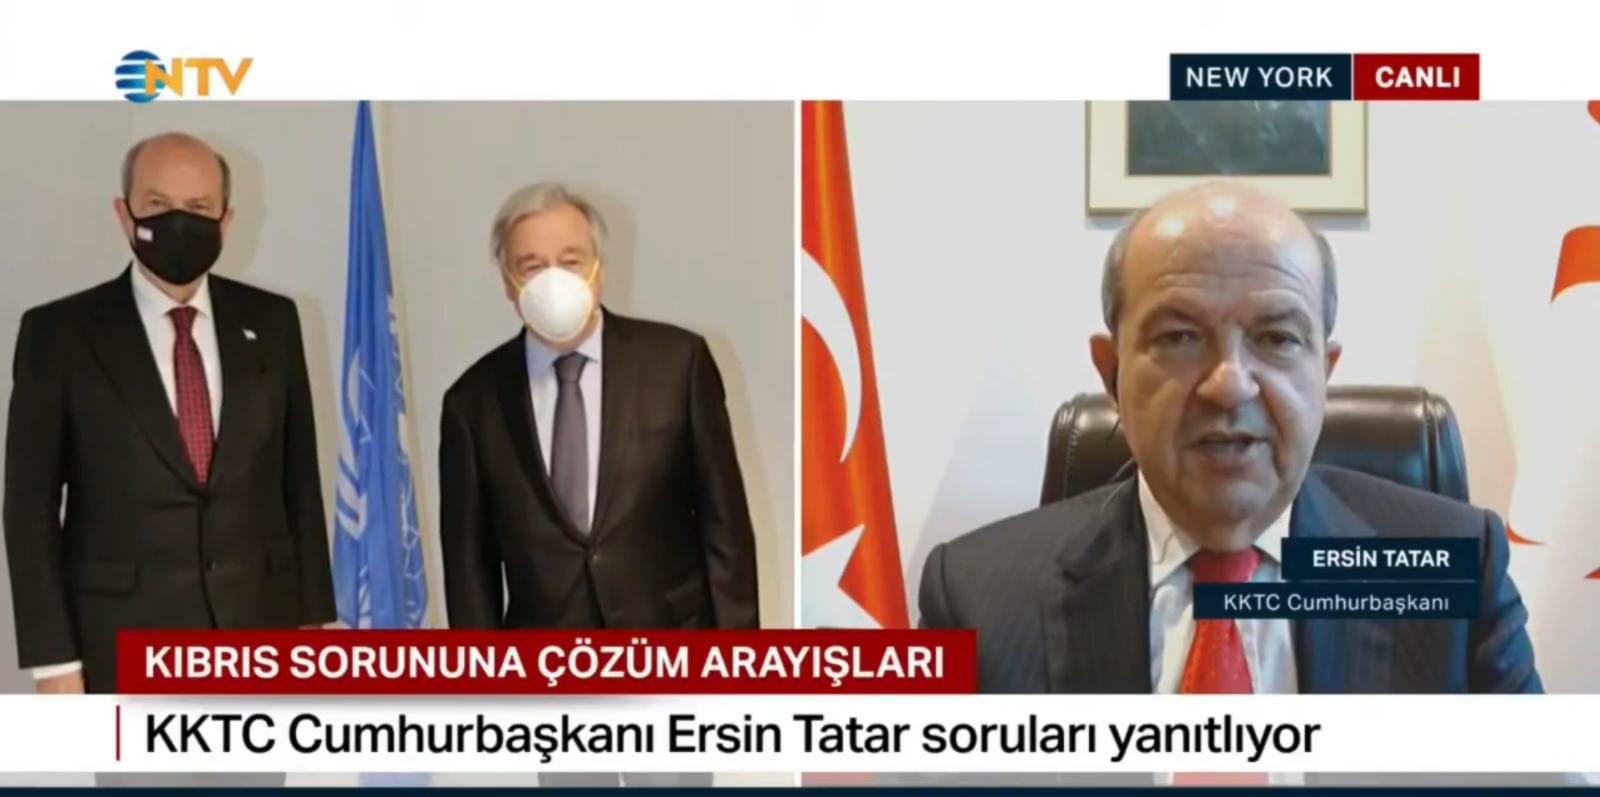 """Cumhurbaşkanı Tatar, NTV'ye demeç verdi: """"Pozisyonumuzdan bir adım geri atmayacağız"""""""